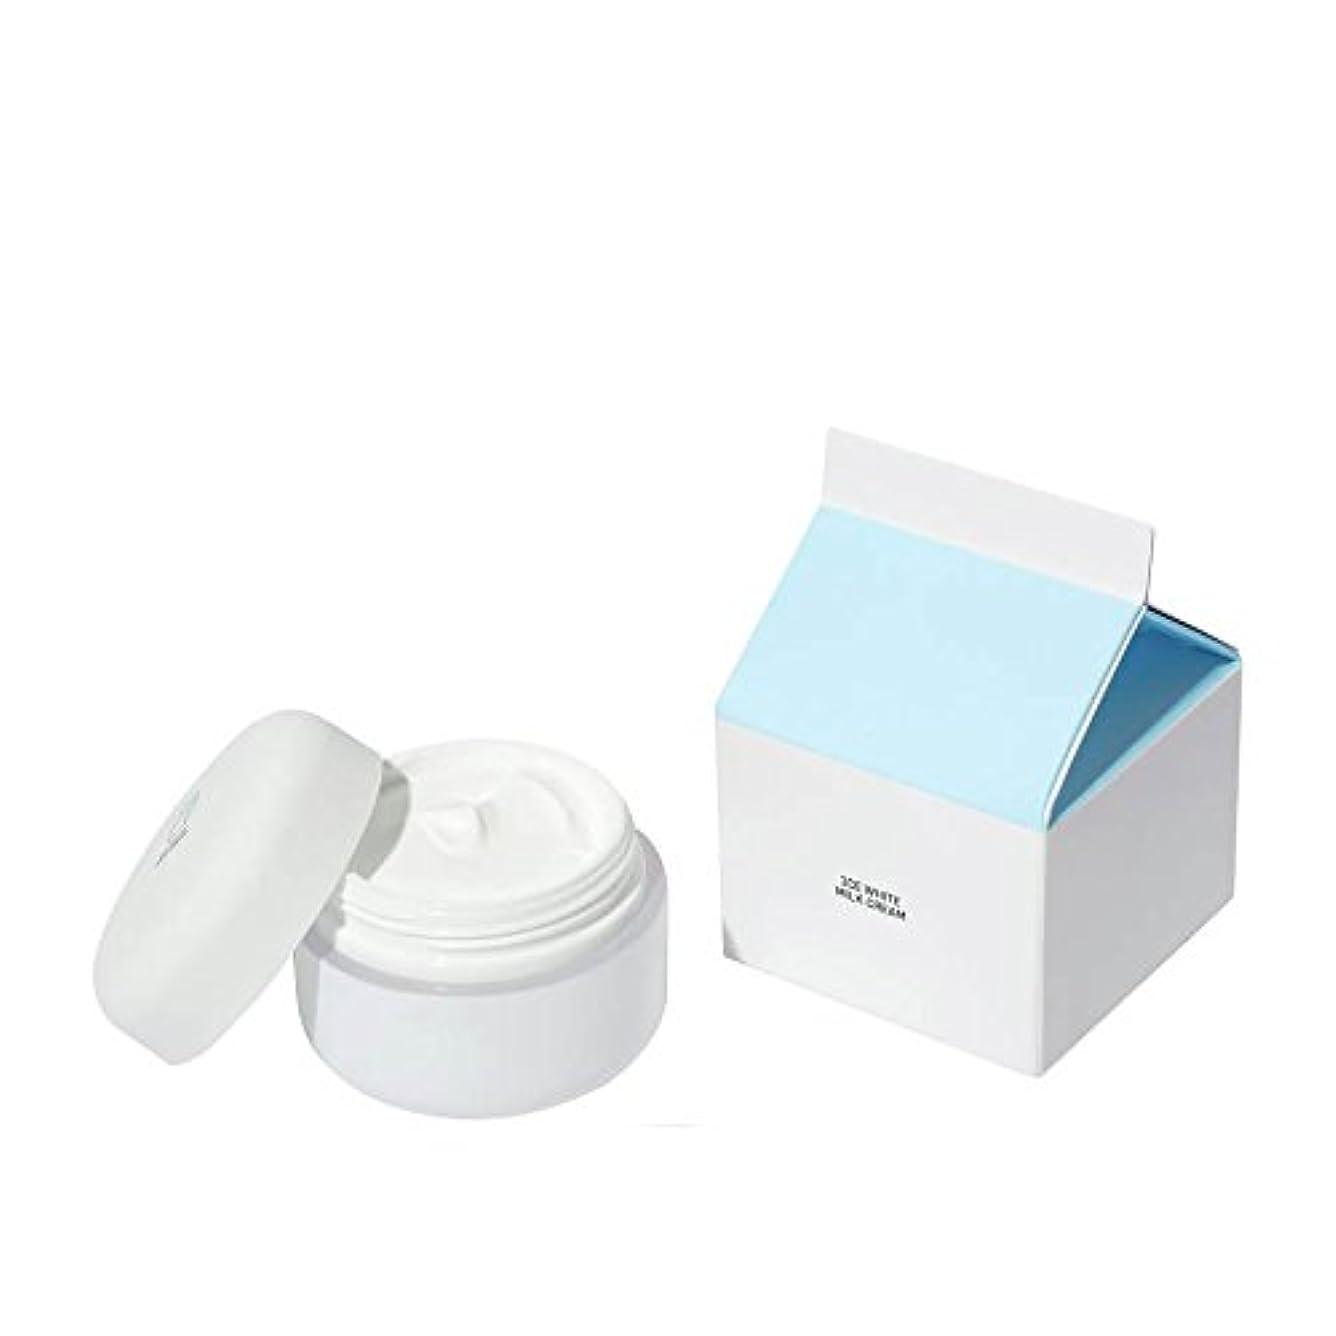 知らせる実質的に懲らしめ[3CE] ホワイトミルククリーム(White Milk Cream) 50g